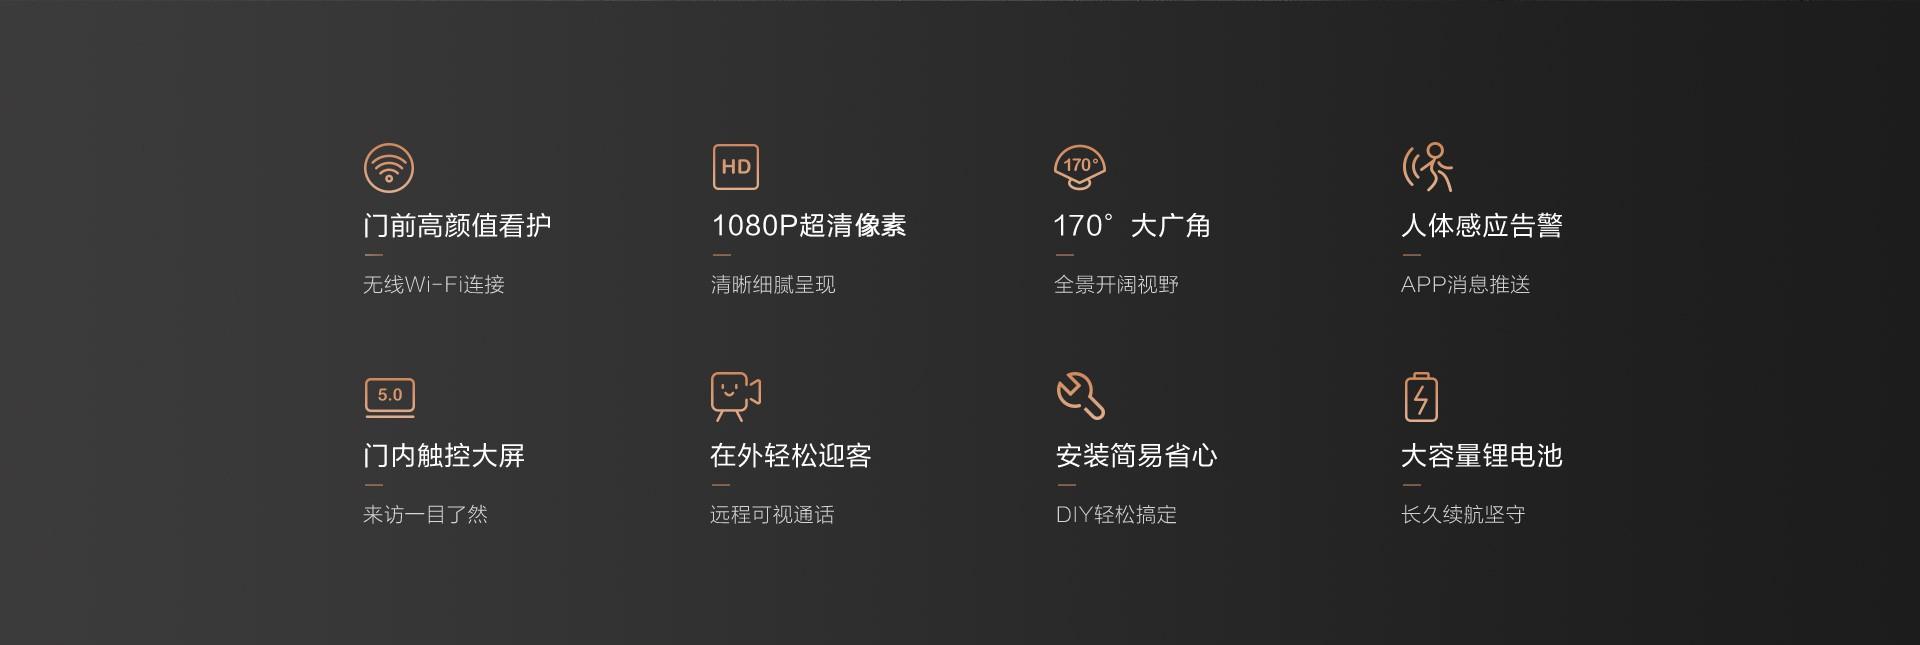 DP1S优化-web1_02.jpg